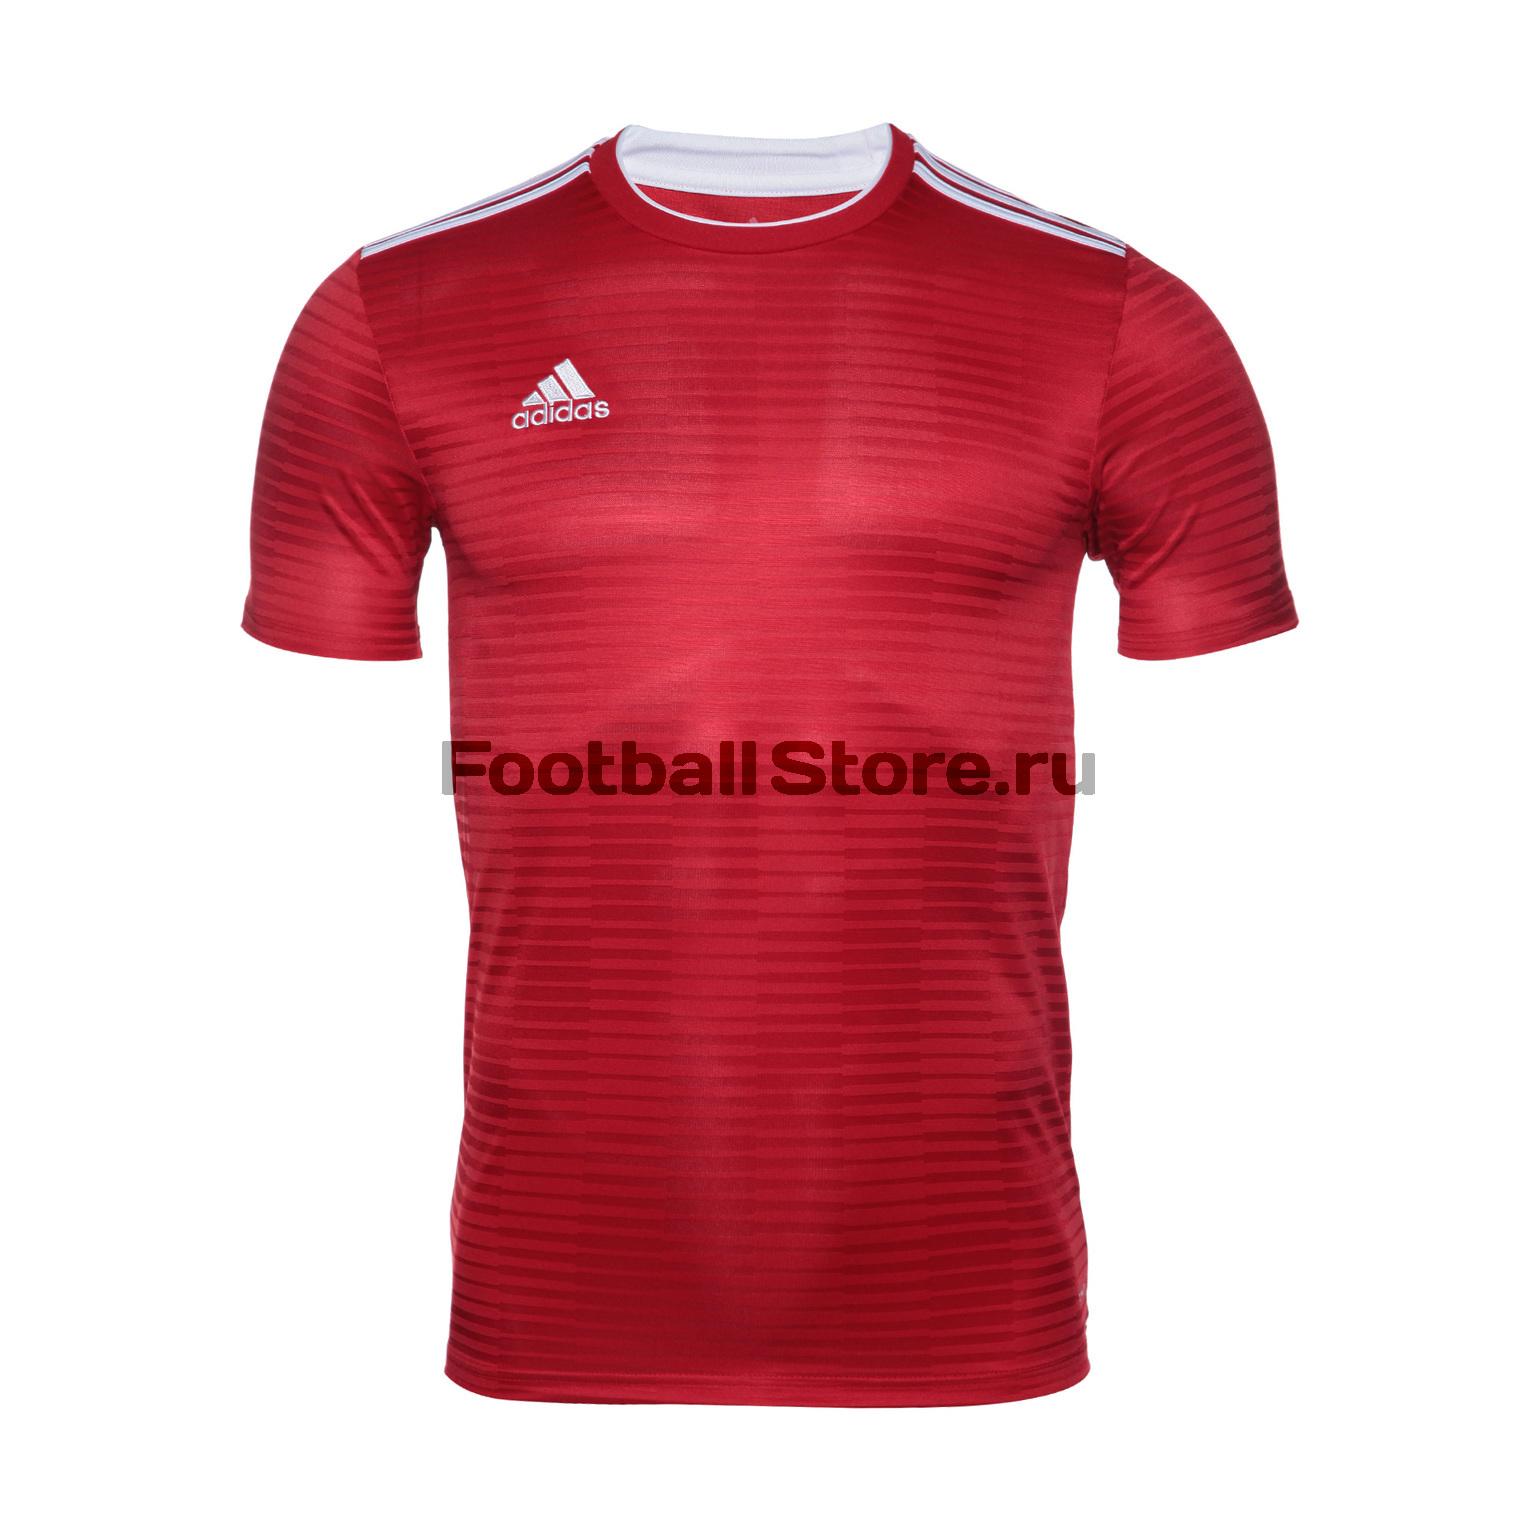 цена Футболка игровая Adidas Con18 JSY CF0677 онлайн в 2017 году